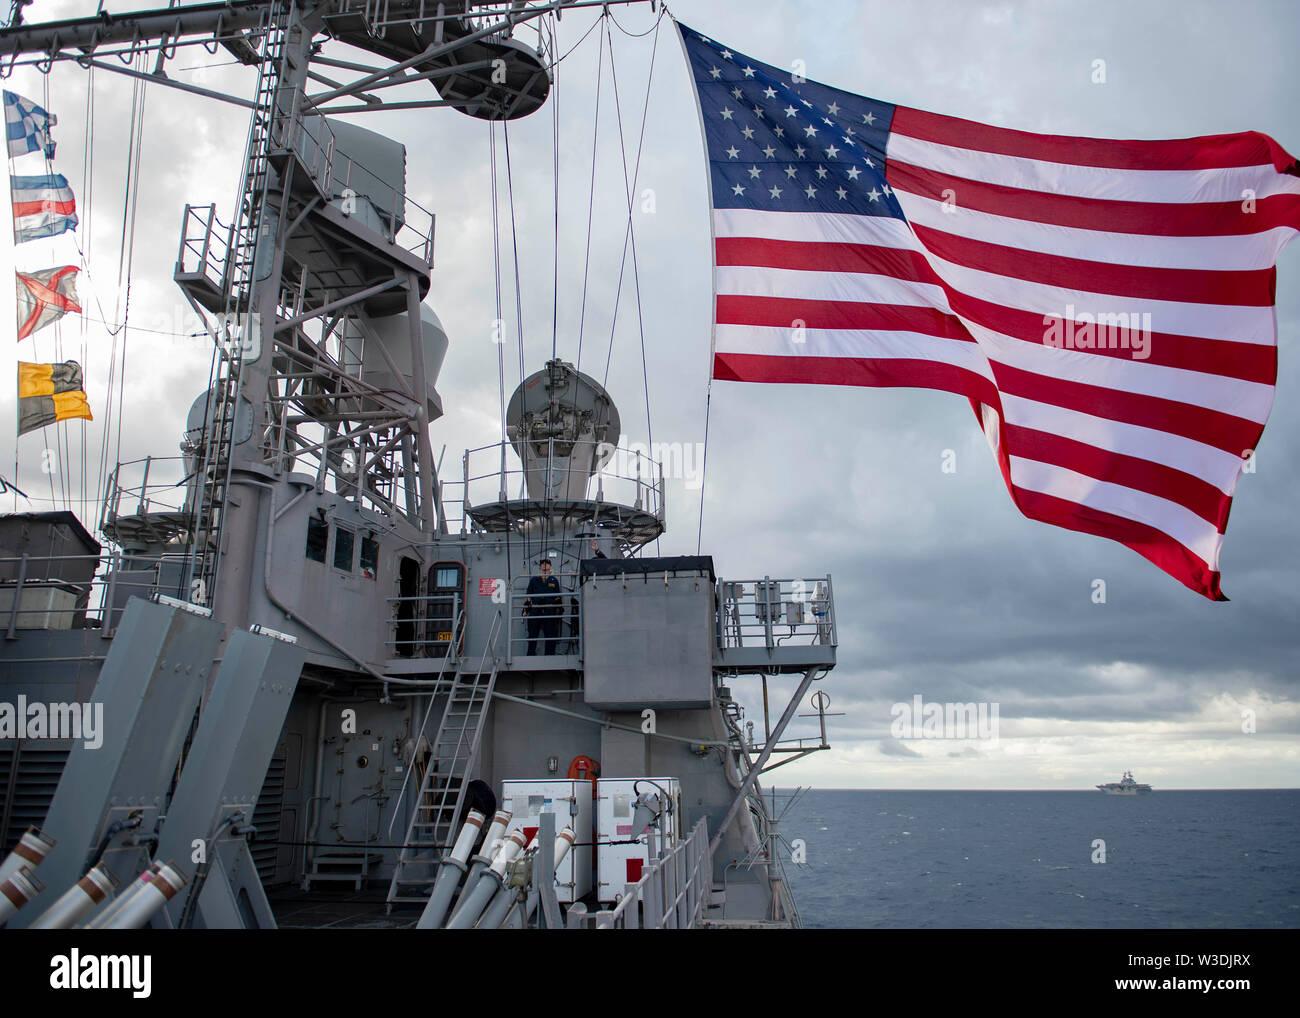 190711-N-WK 982-2110 CORAL SEA (11. Juli 2019) Die Crew der Ticonderoga-Klasse geführte-missile Cruiser USS Chancellorsville (CG62) Manöver in Formation während Talisman Sabre 2019. Talisman Sabre 2019 zeigt die Nähe des australischen und US-amerikanischen Allianz und die Stärke der militärischen Beziehung. Dies ist der achte Iteration dieser Übung. (U.S. Marine Foto von Mass Communication Specialist 2. Klasse John Harris/Freigegeben) Stockbild